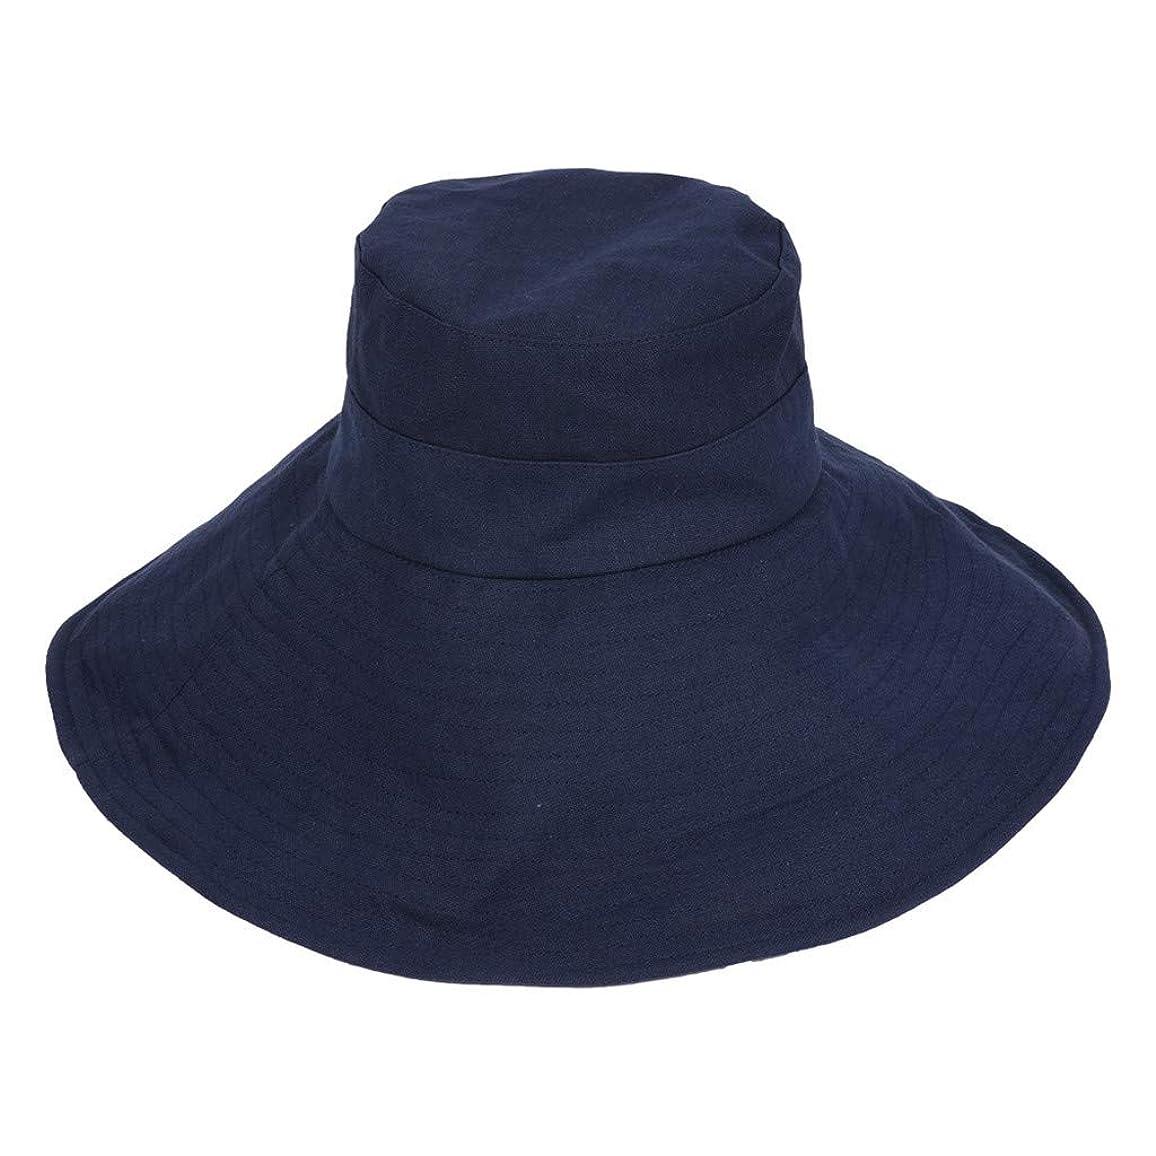 ラップ社会科知覚できる漁師帽 ROSE ROMAN 帽子 レディース UVカット 帽子 UV帽子 日焼け防止 軽量 熱中症予防 取り外すあご紐 つば広 おしゃれ 可愛い 夏季 海 旅行 無地 ワイルド カジュアル スタイル ファッション シンプル 発送